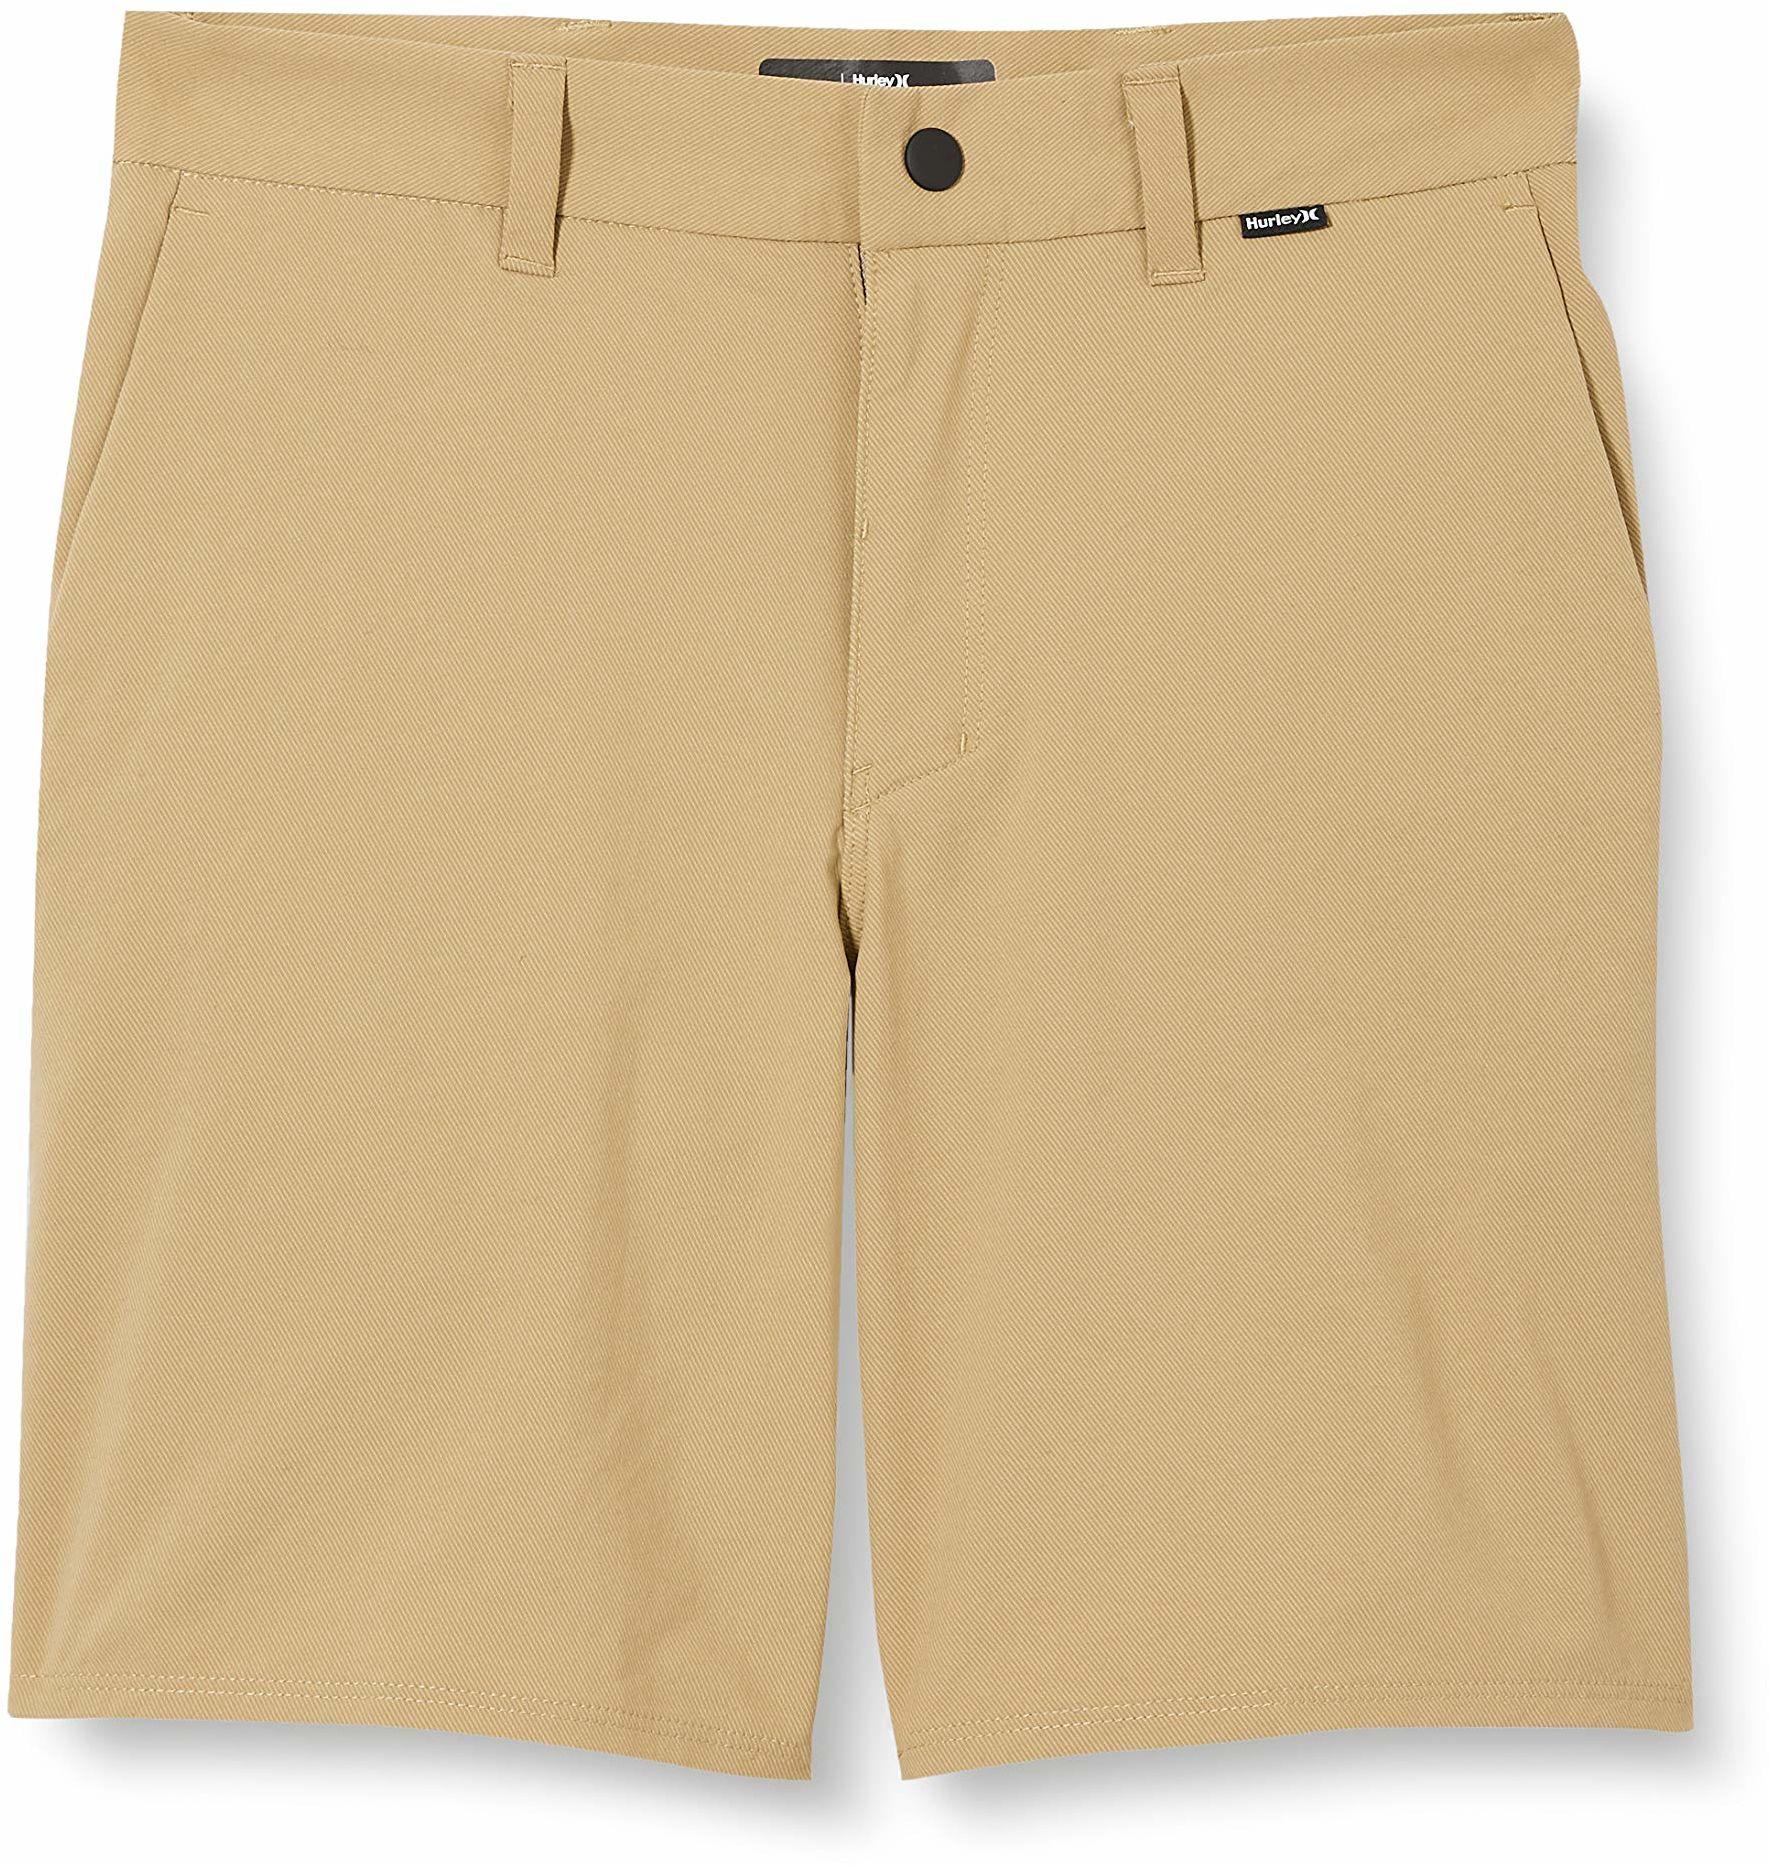 Hurley Chłopięce B Dri-fit krótkie krótkie spodnie typu chino 40 cm Khaki 26